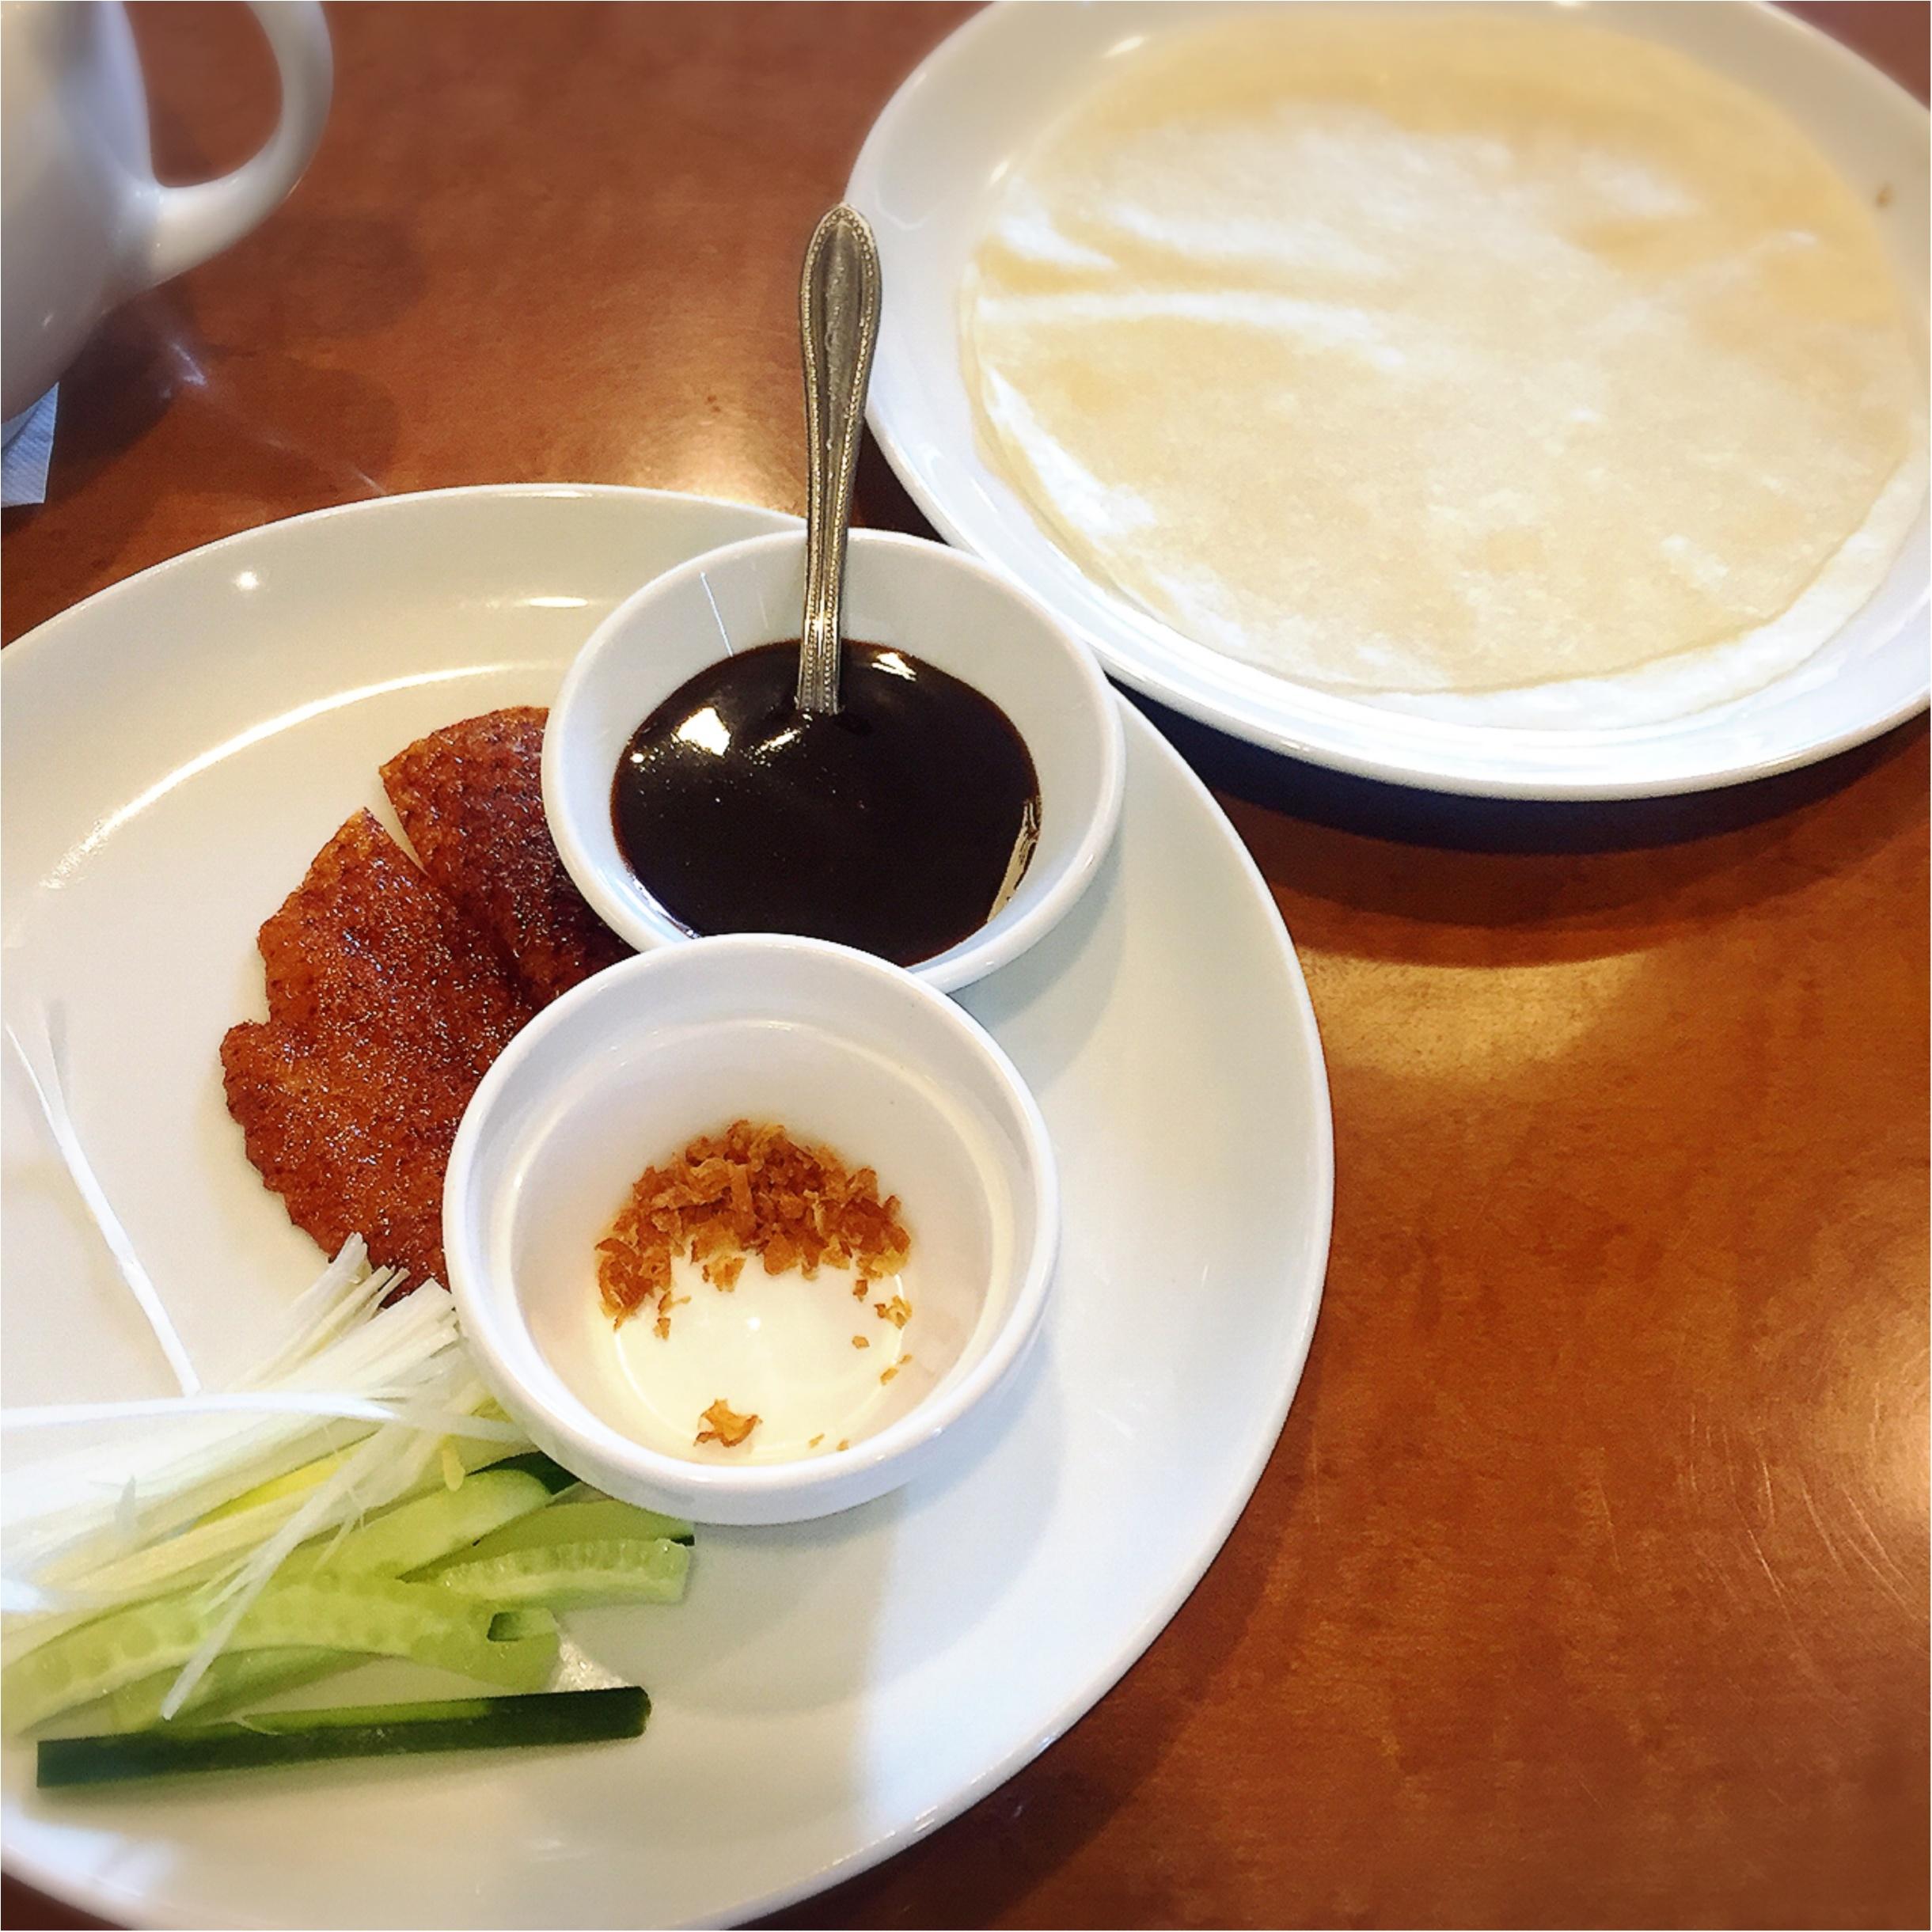 横浜中華街のオーダー式食べ放題【横浜大飯店】が何を食べても美味しいんです!_2